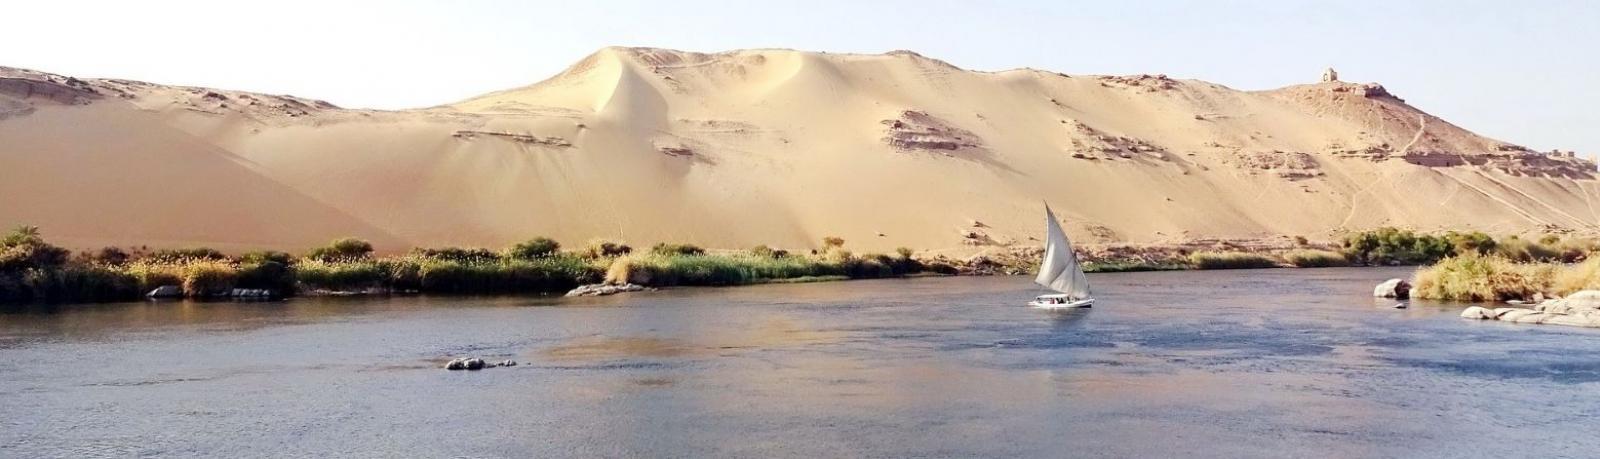 Voilier sur le Nil Egypte